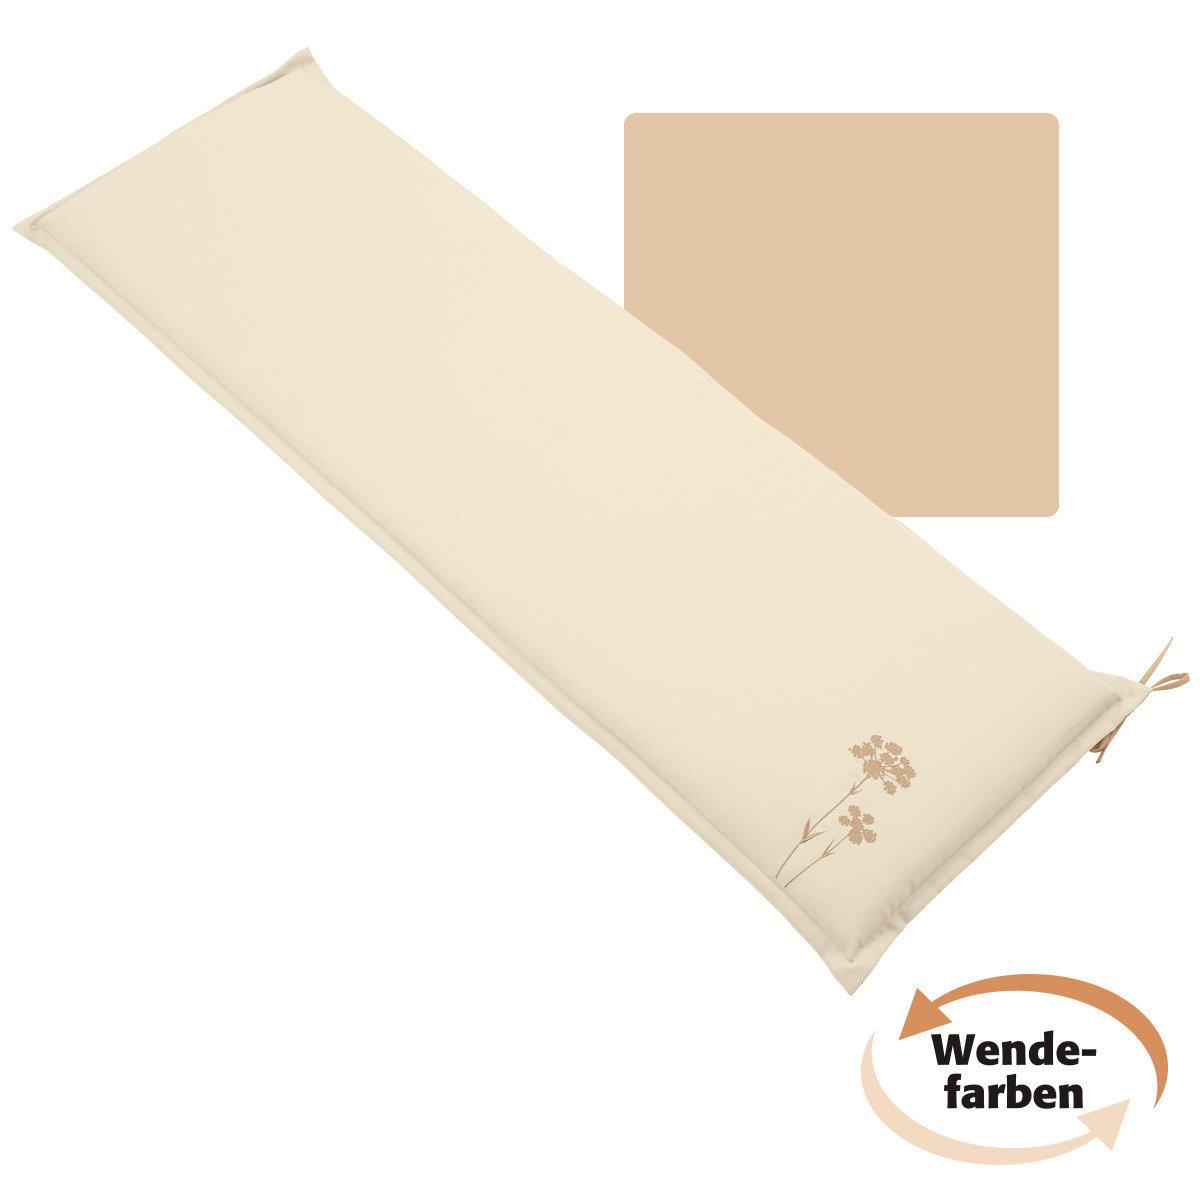 sitzbank kissen samba anisa 150 cm sand beige von. Black Bedroom Furniture Sets. Home Design Ideas